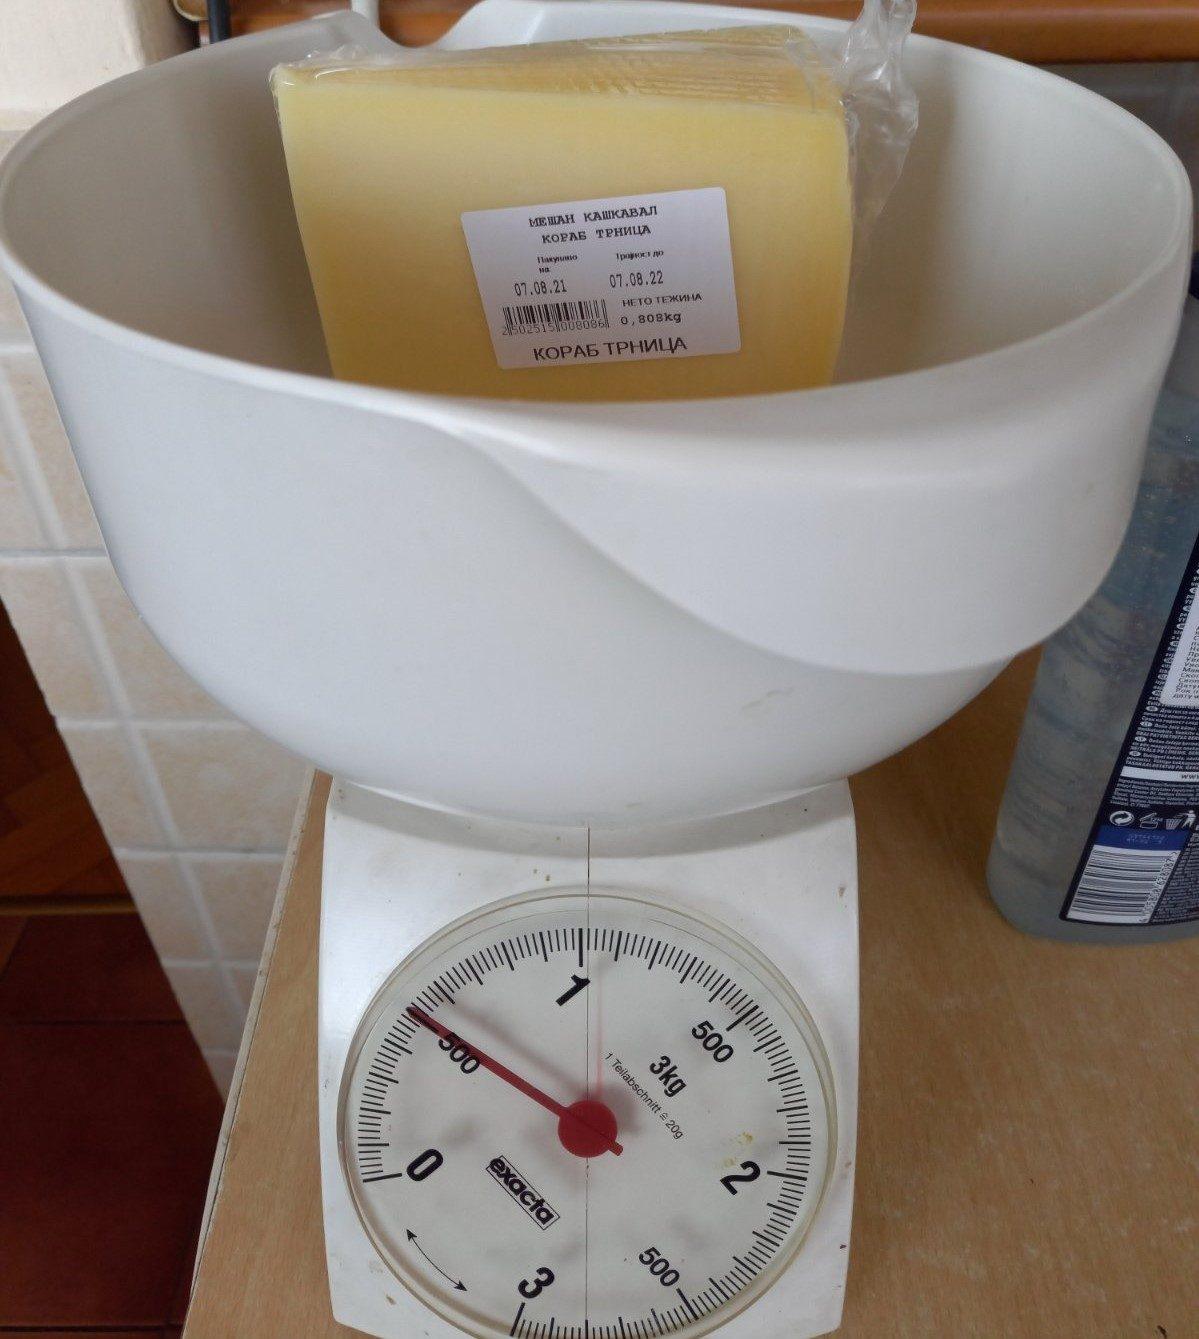 Плаќате 800 грама, а добивате производ од 500 грама во еден македонски ланец на супермаркети, кој ја врши контролата во интерес на потрошувачот?